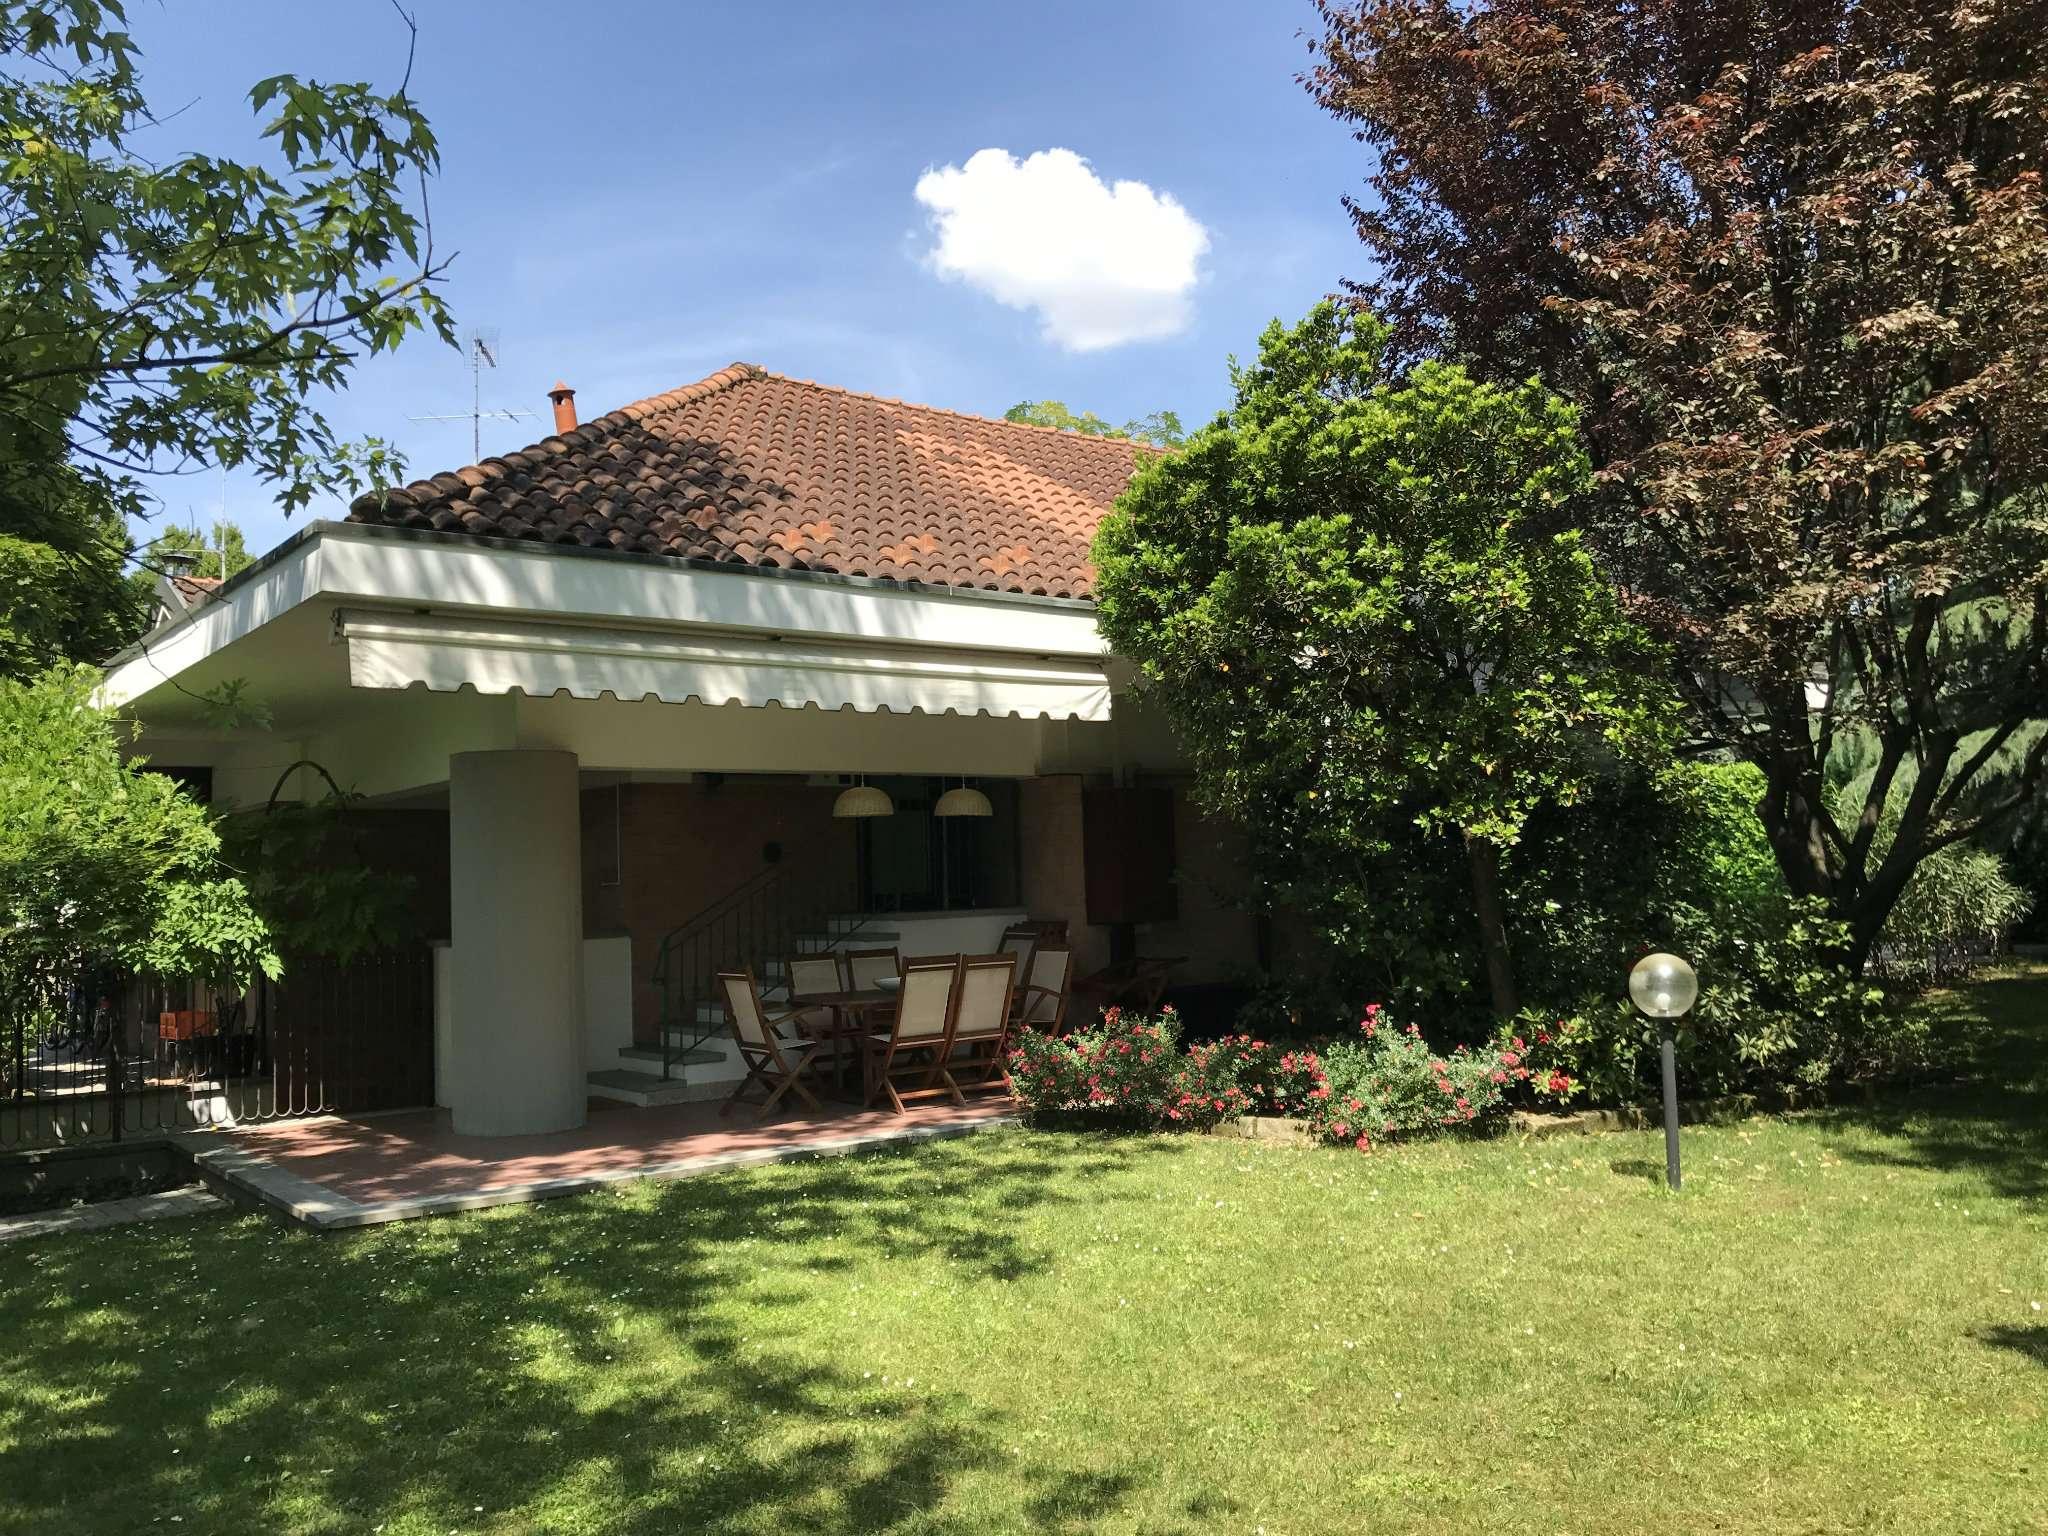 Villa in vendita a Peschiera Borromeo, 5 locali, prezzo € 665.000 | CambioCasa.it